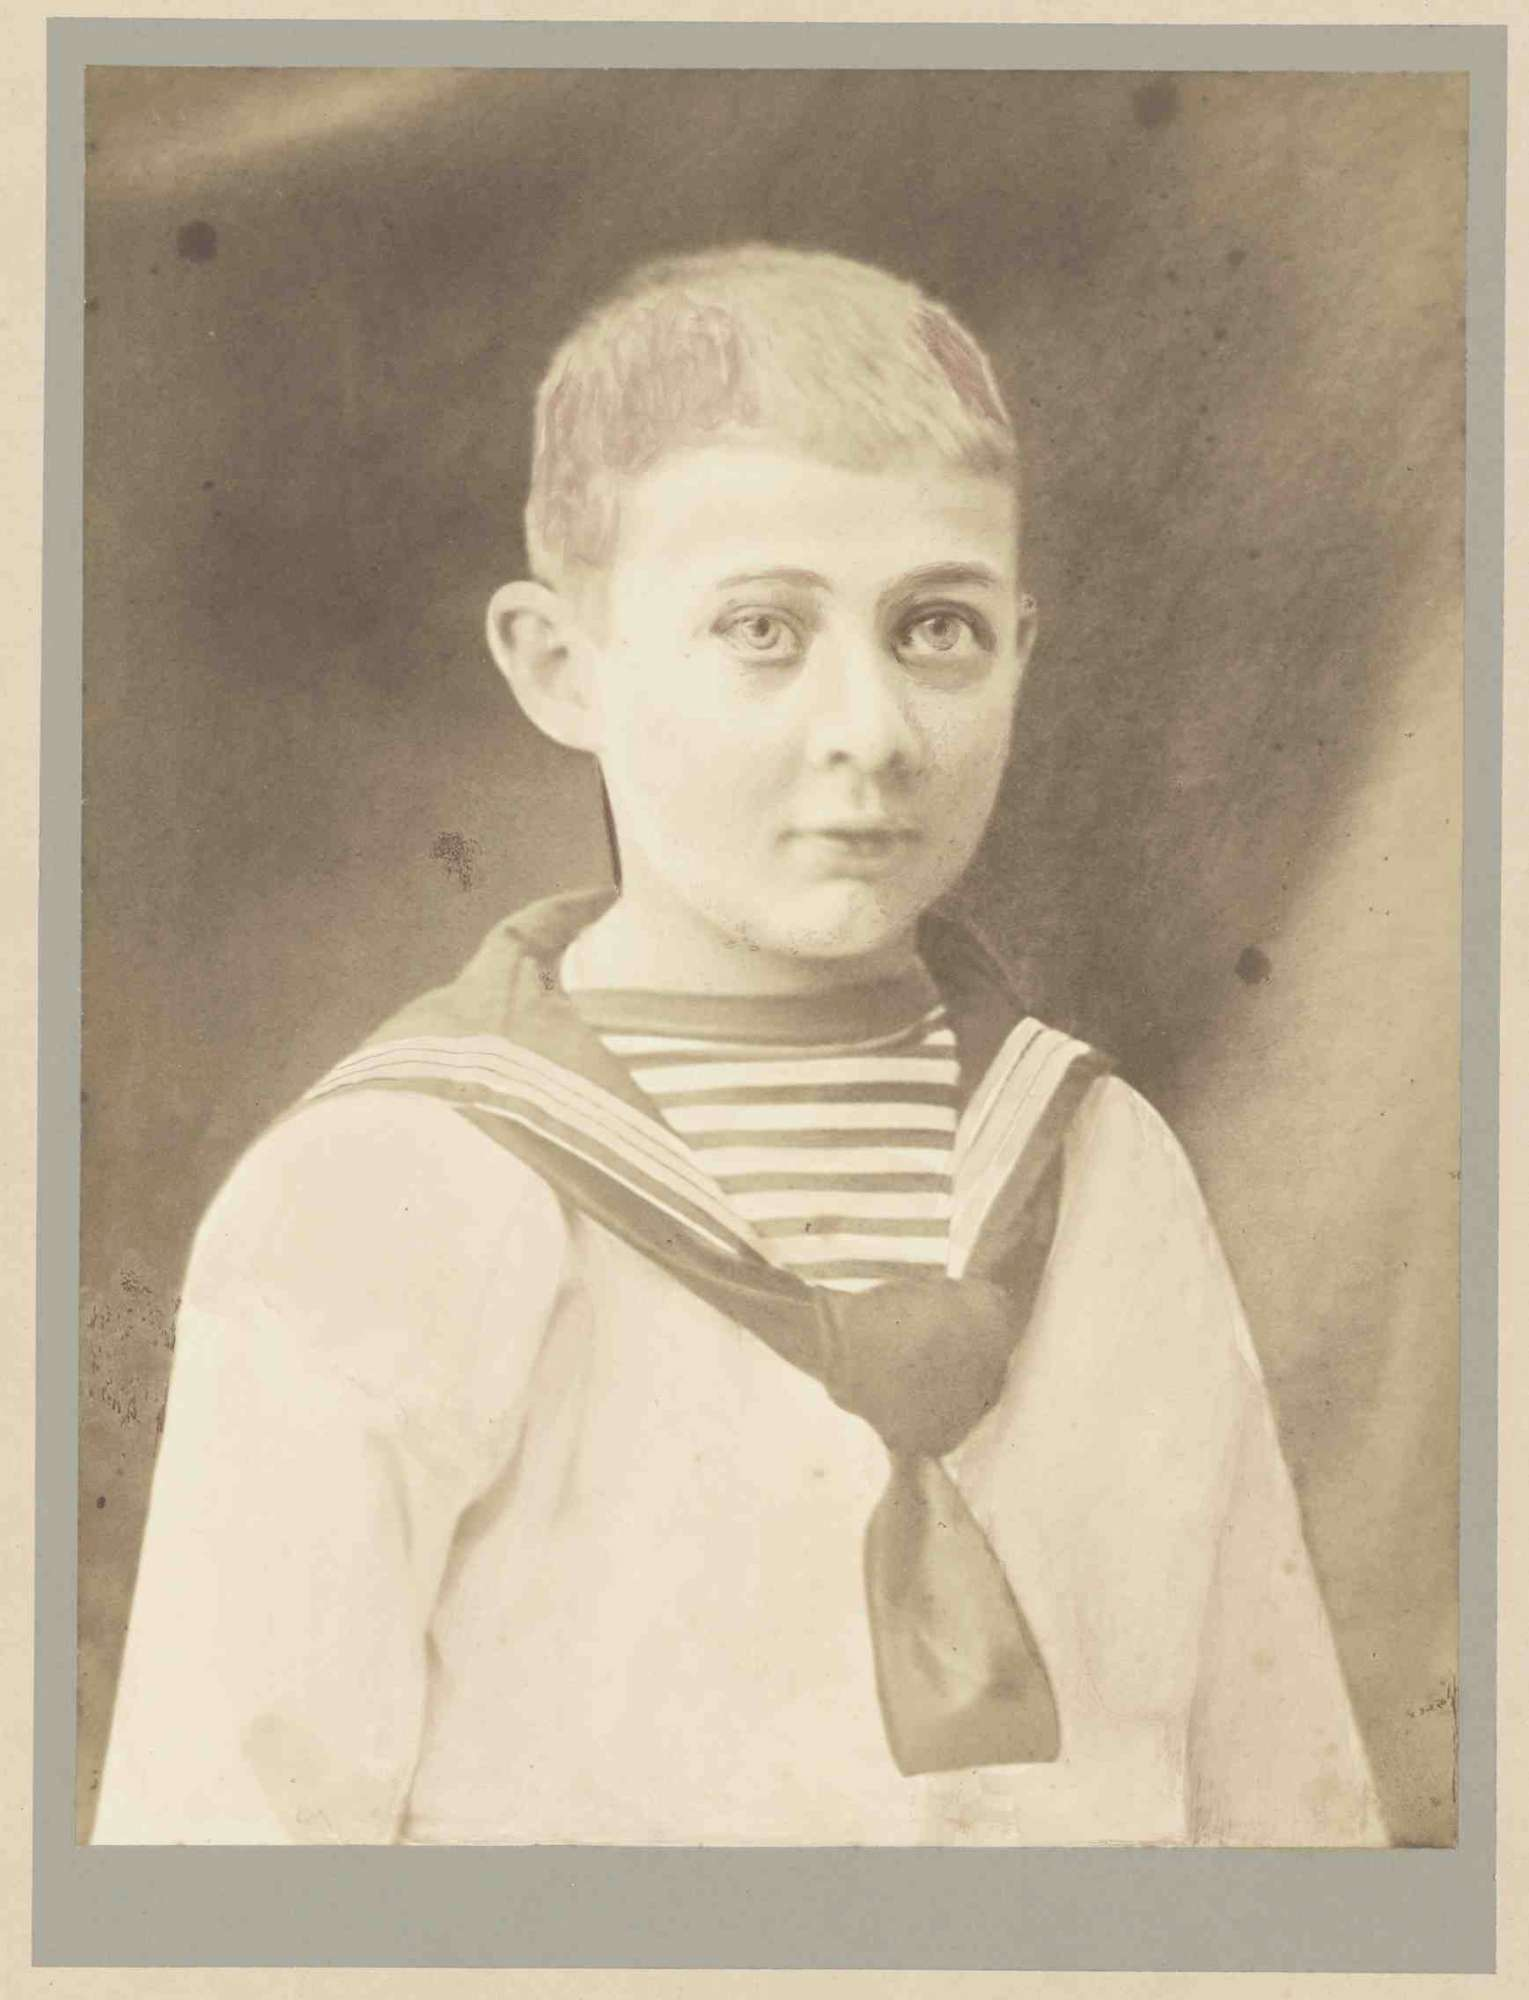 Prinz Alexander von Württemberg im Matrosenanzug (Jugendbild), Brustbild in Halbprofil, Bild 1